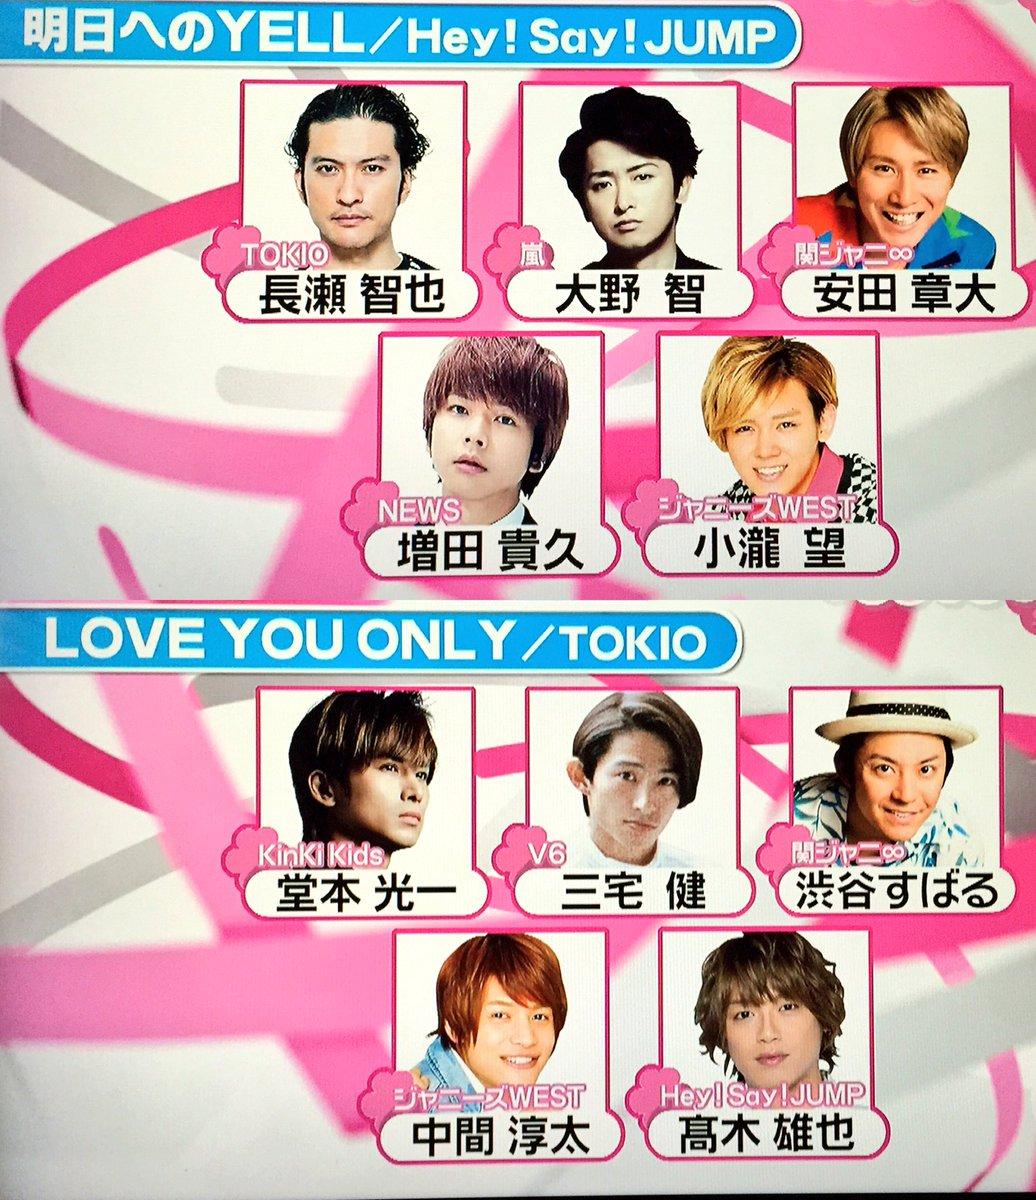 【THE MUSIC DAY】ジャニーズシャッフルメドレーの『渚のお姉サマー』を司会の櫻井翔が心配!